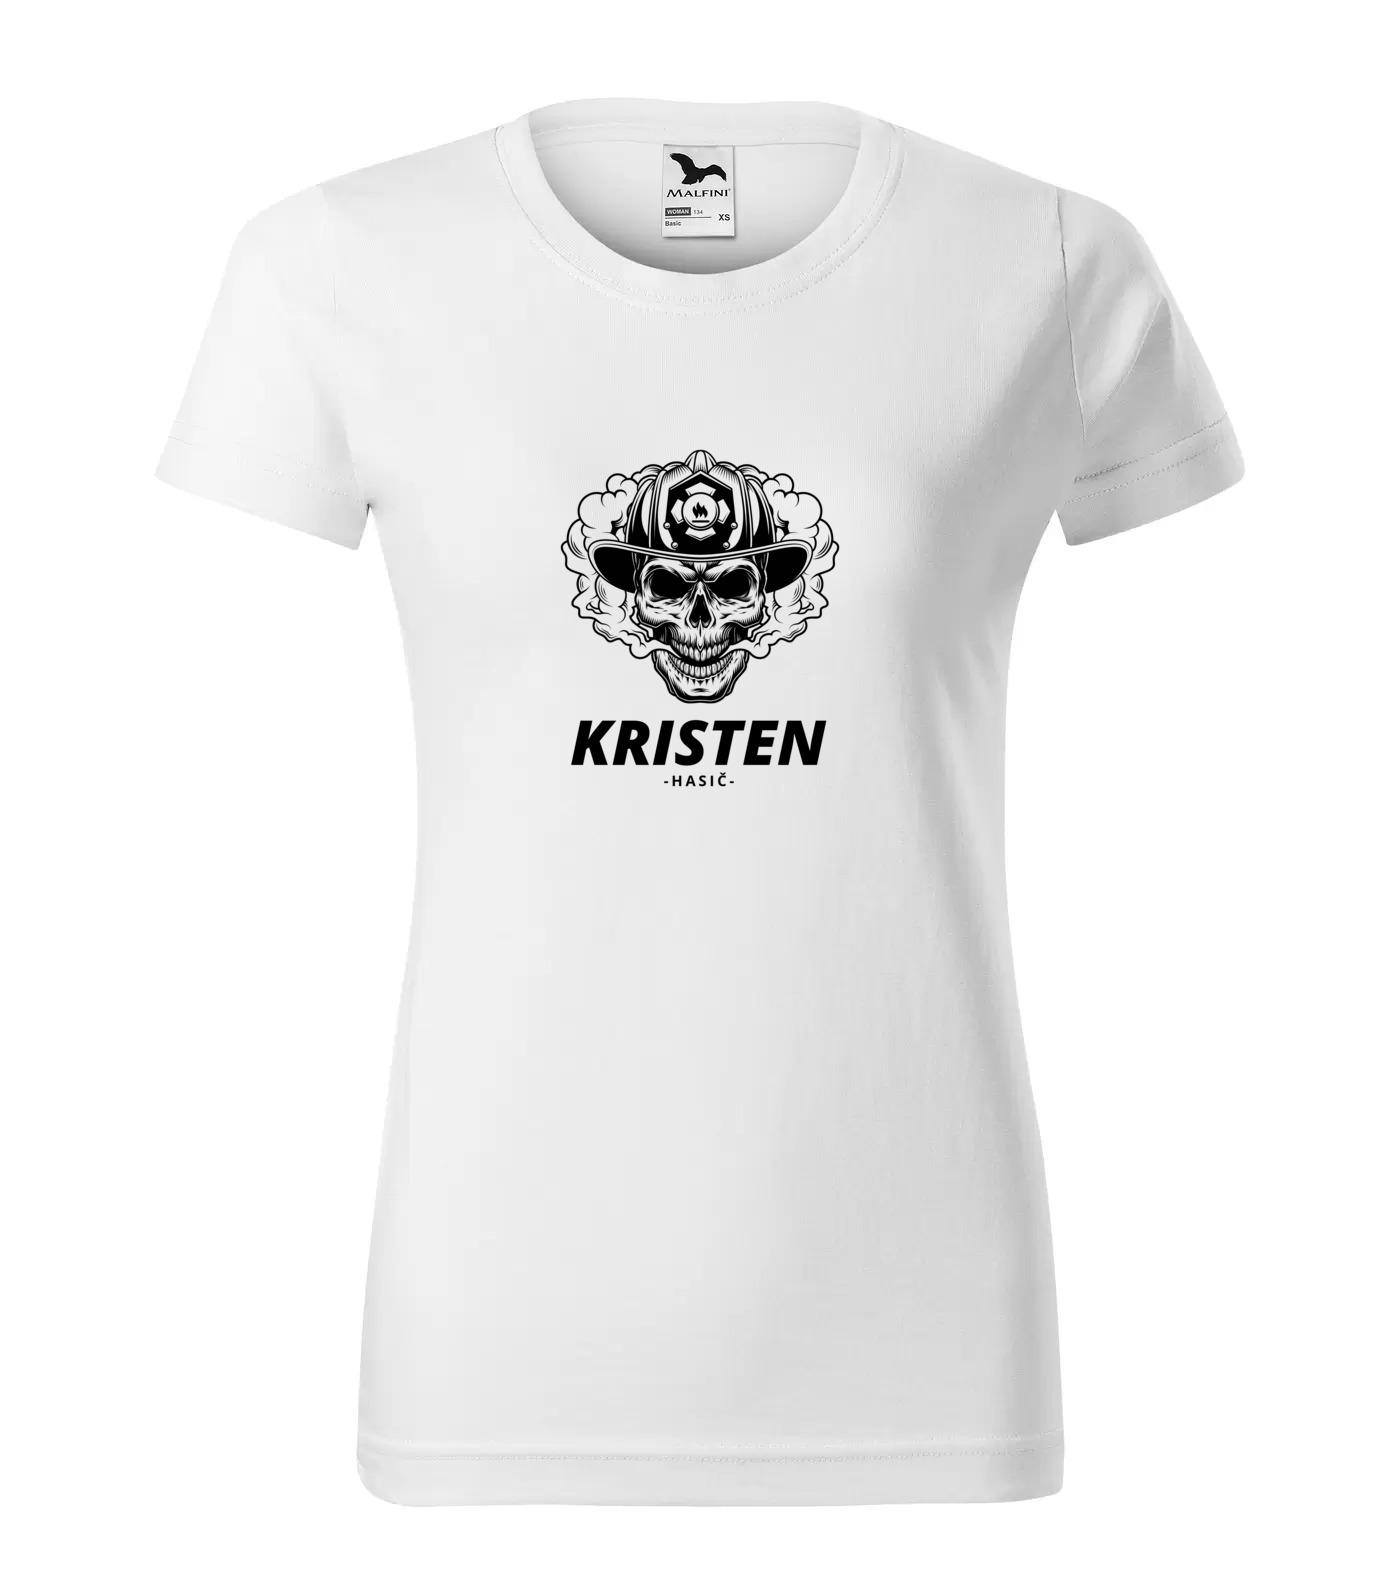 Tričko Hasič Kristen